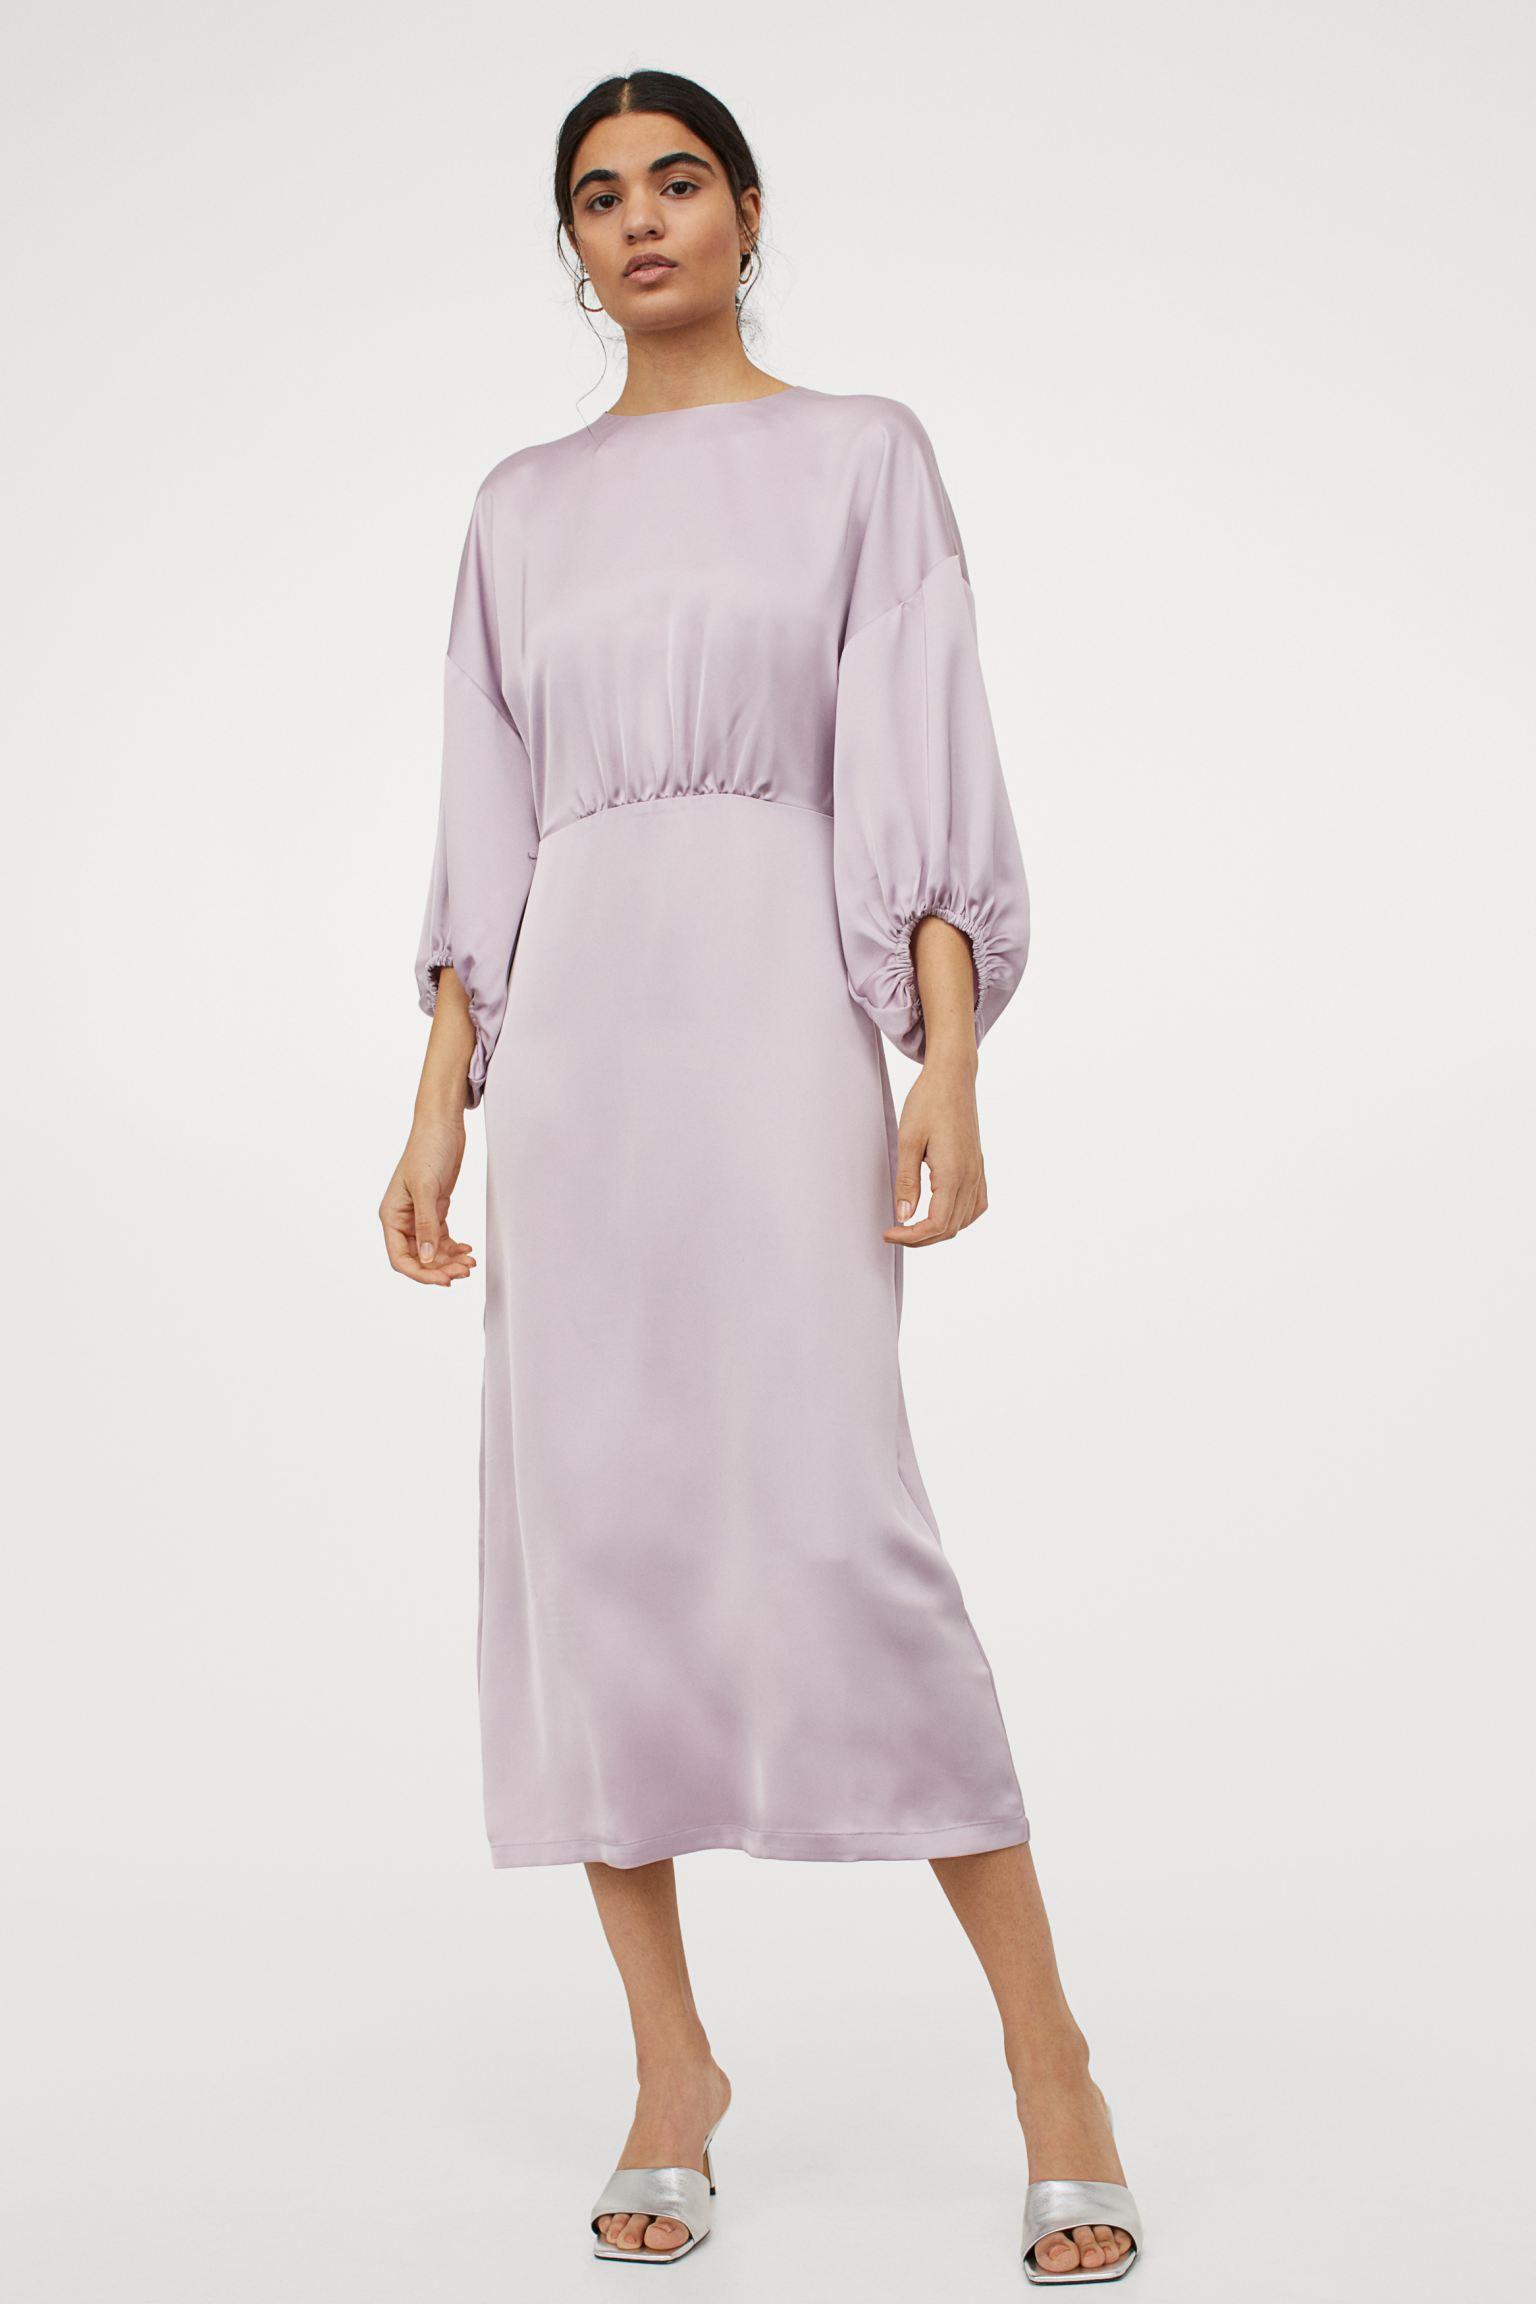 Vestido midi de satén lila con cuello redondo, hombros caídos y mangas globo tres cuartos con remate elástico fino.